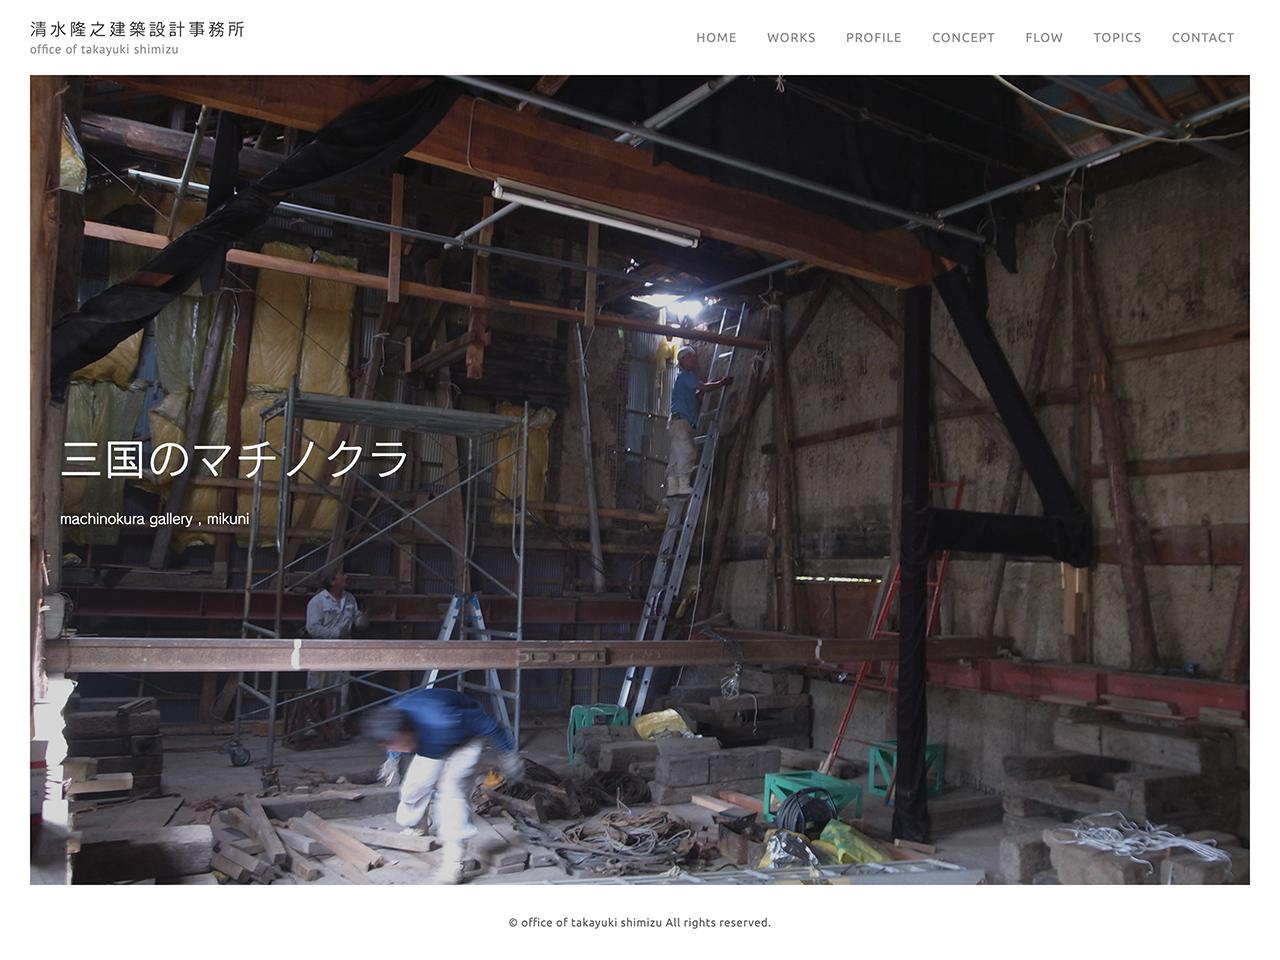 清水隆之建築設計事務所